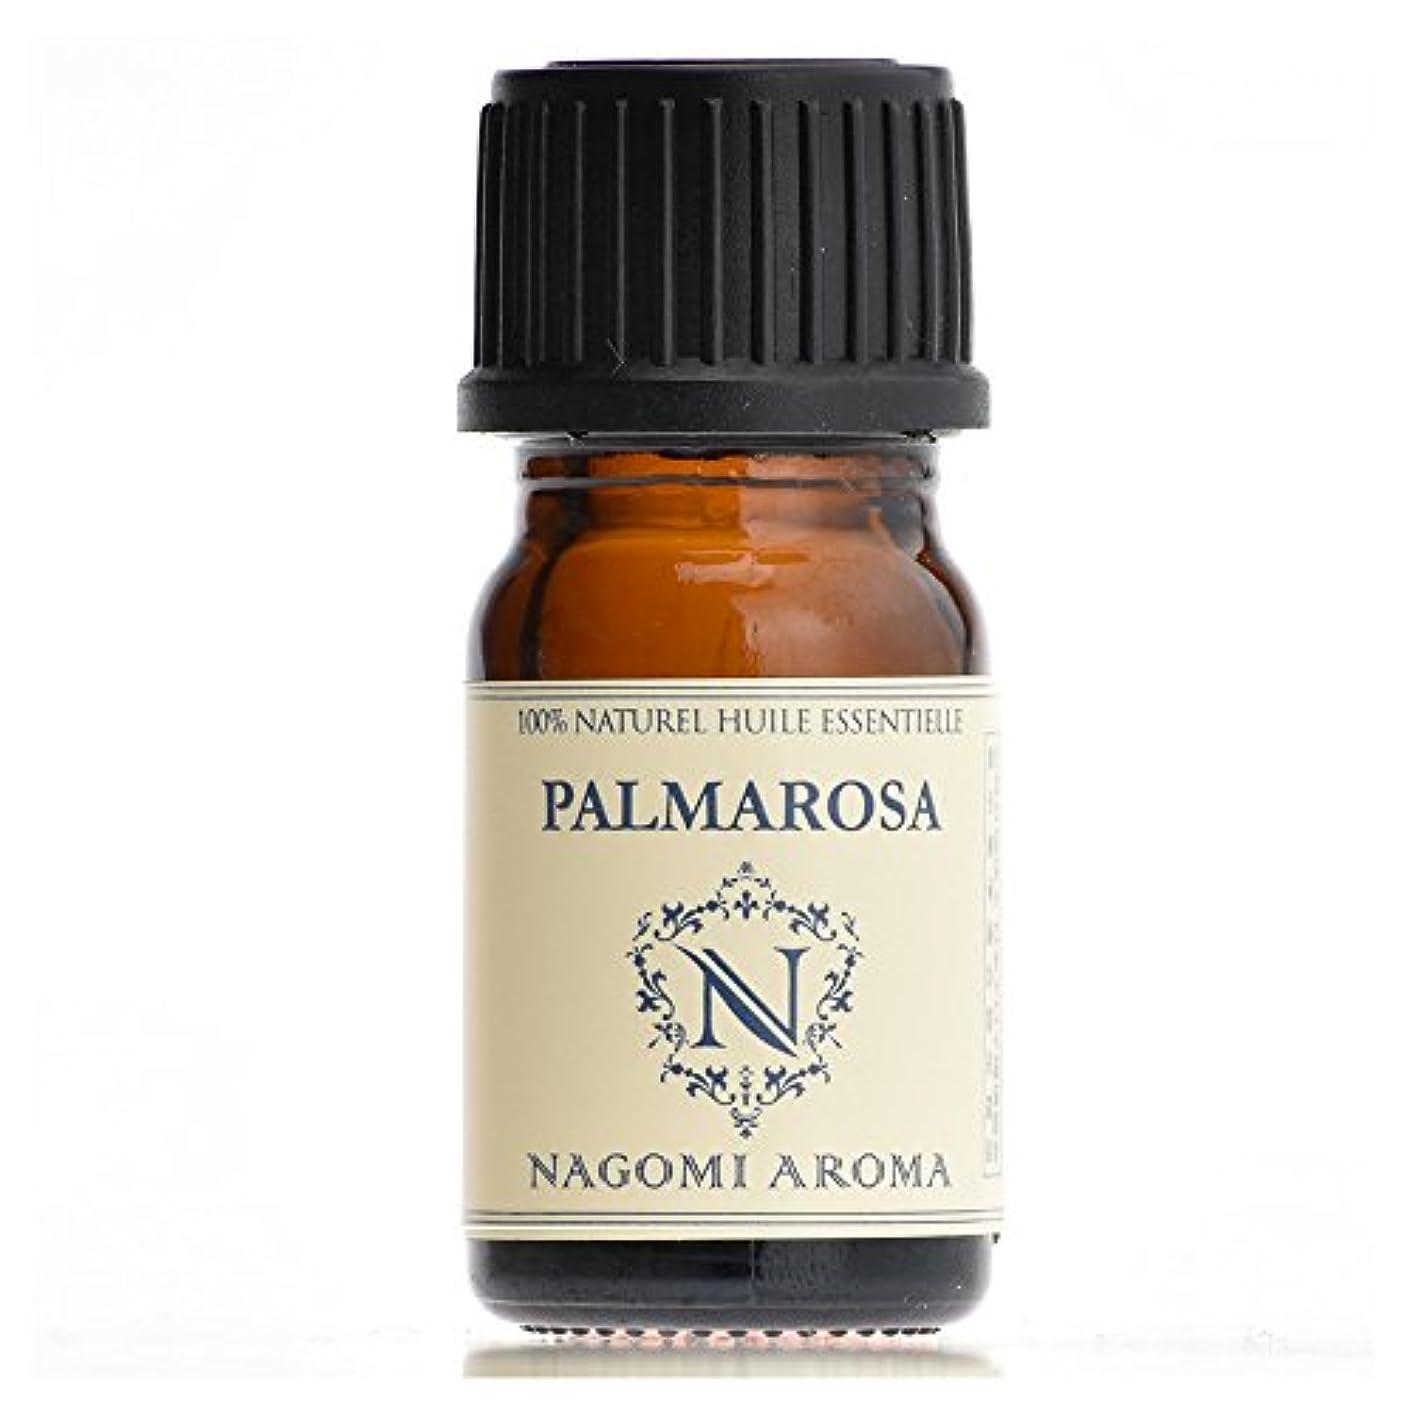 彼斧安価な【AEAJ認定表示基準認定精油】NAGOMI PURE パルマローザ 5ml 【エッセンシャルオイル】【精油】【アロマオイル】|CONVOILs